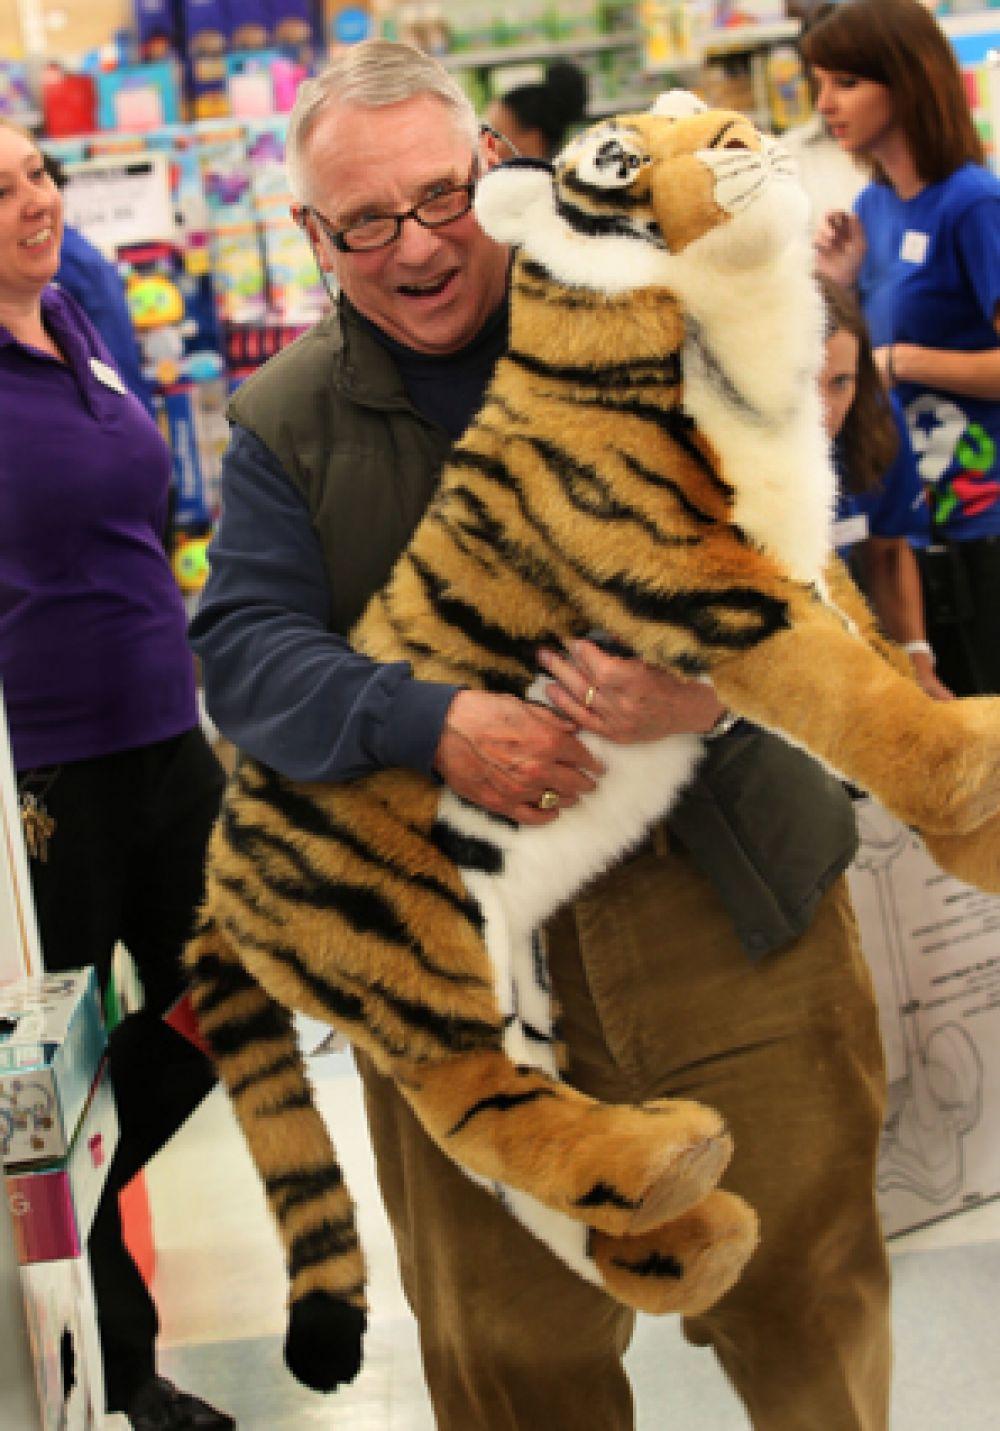 Мужчина и тигр, которого он купил для своей дочери в магазине «Toys «R», Кенвуд, Огайо.